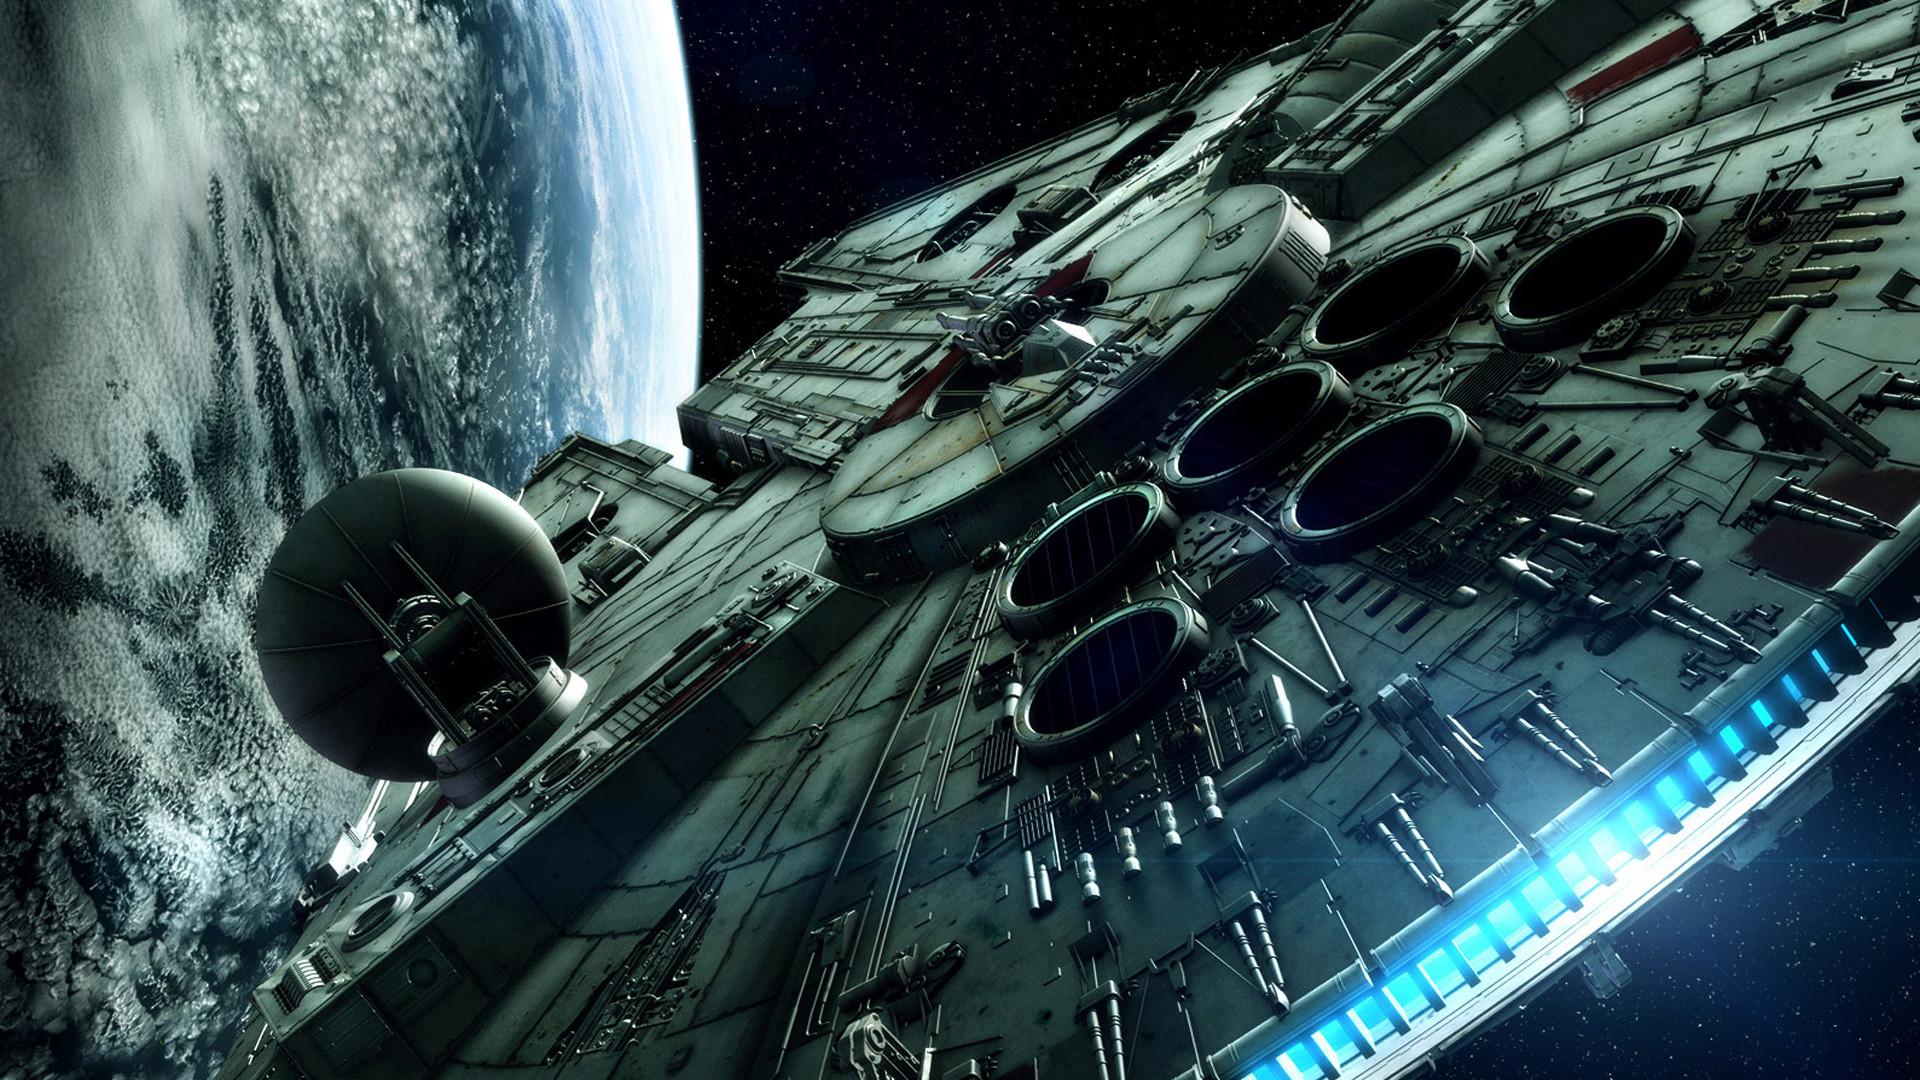 Star-Wars-Wallpaper-HD-Cool